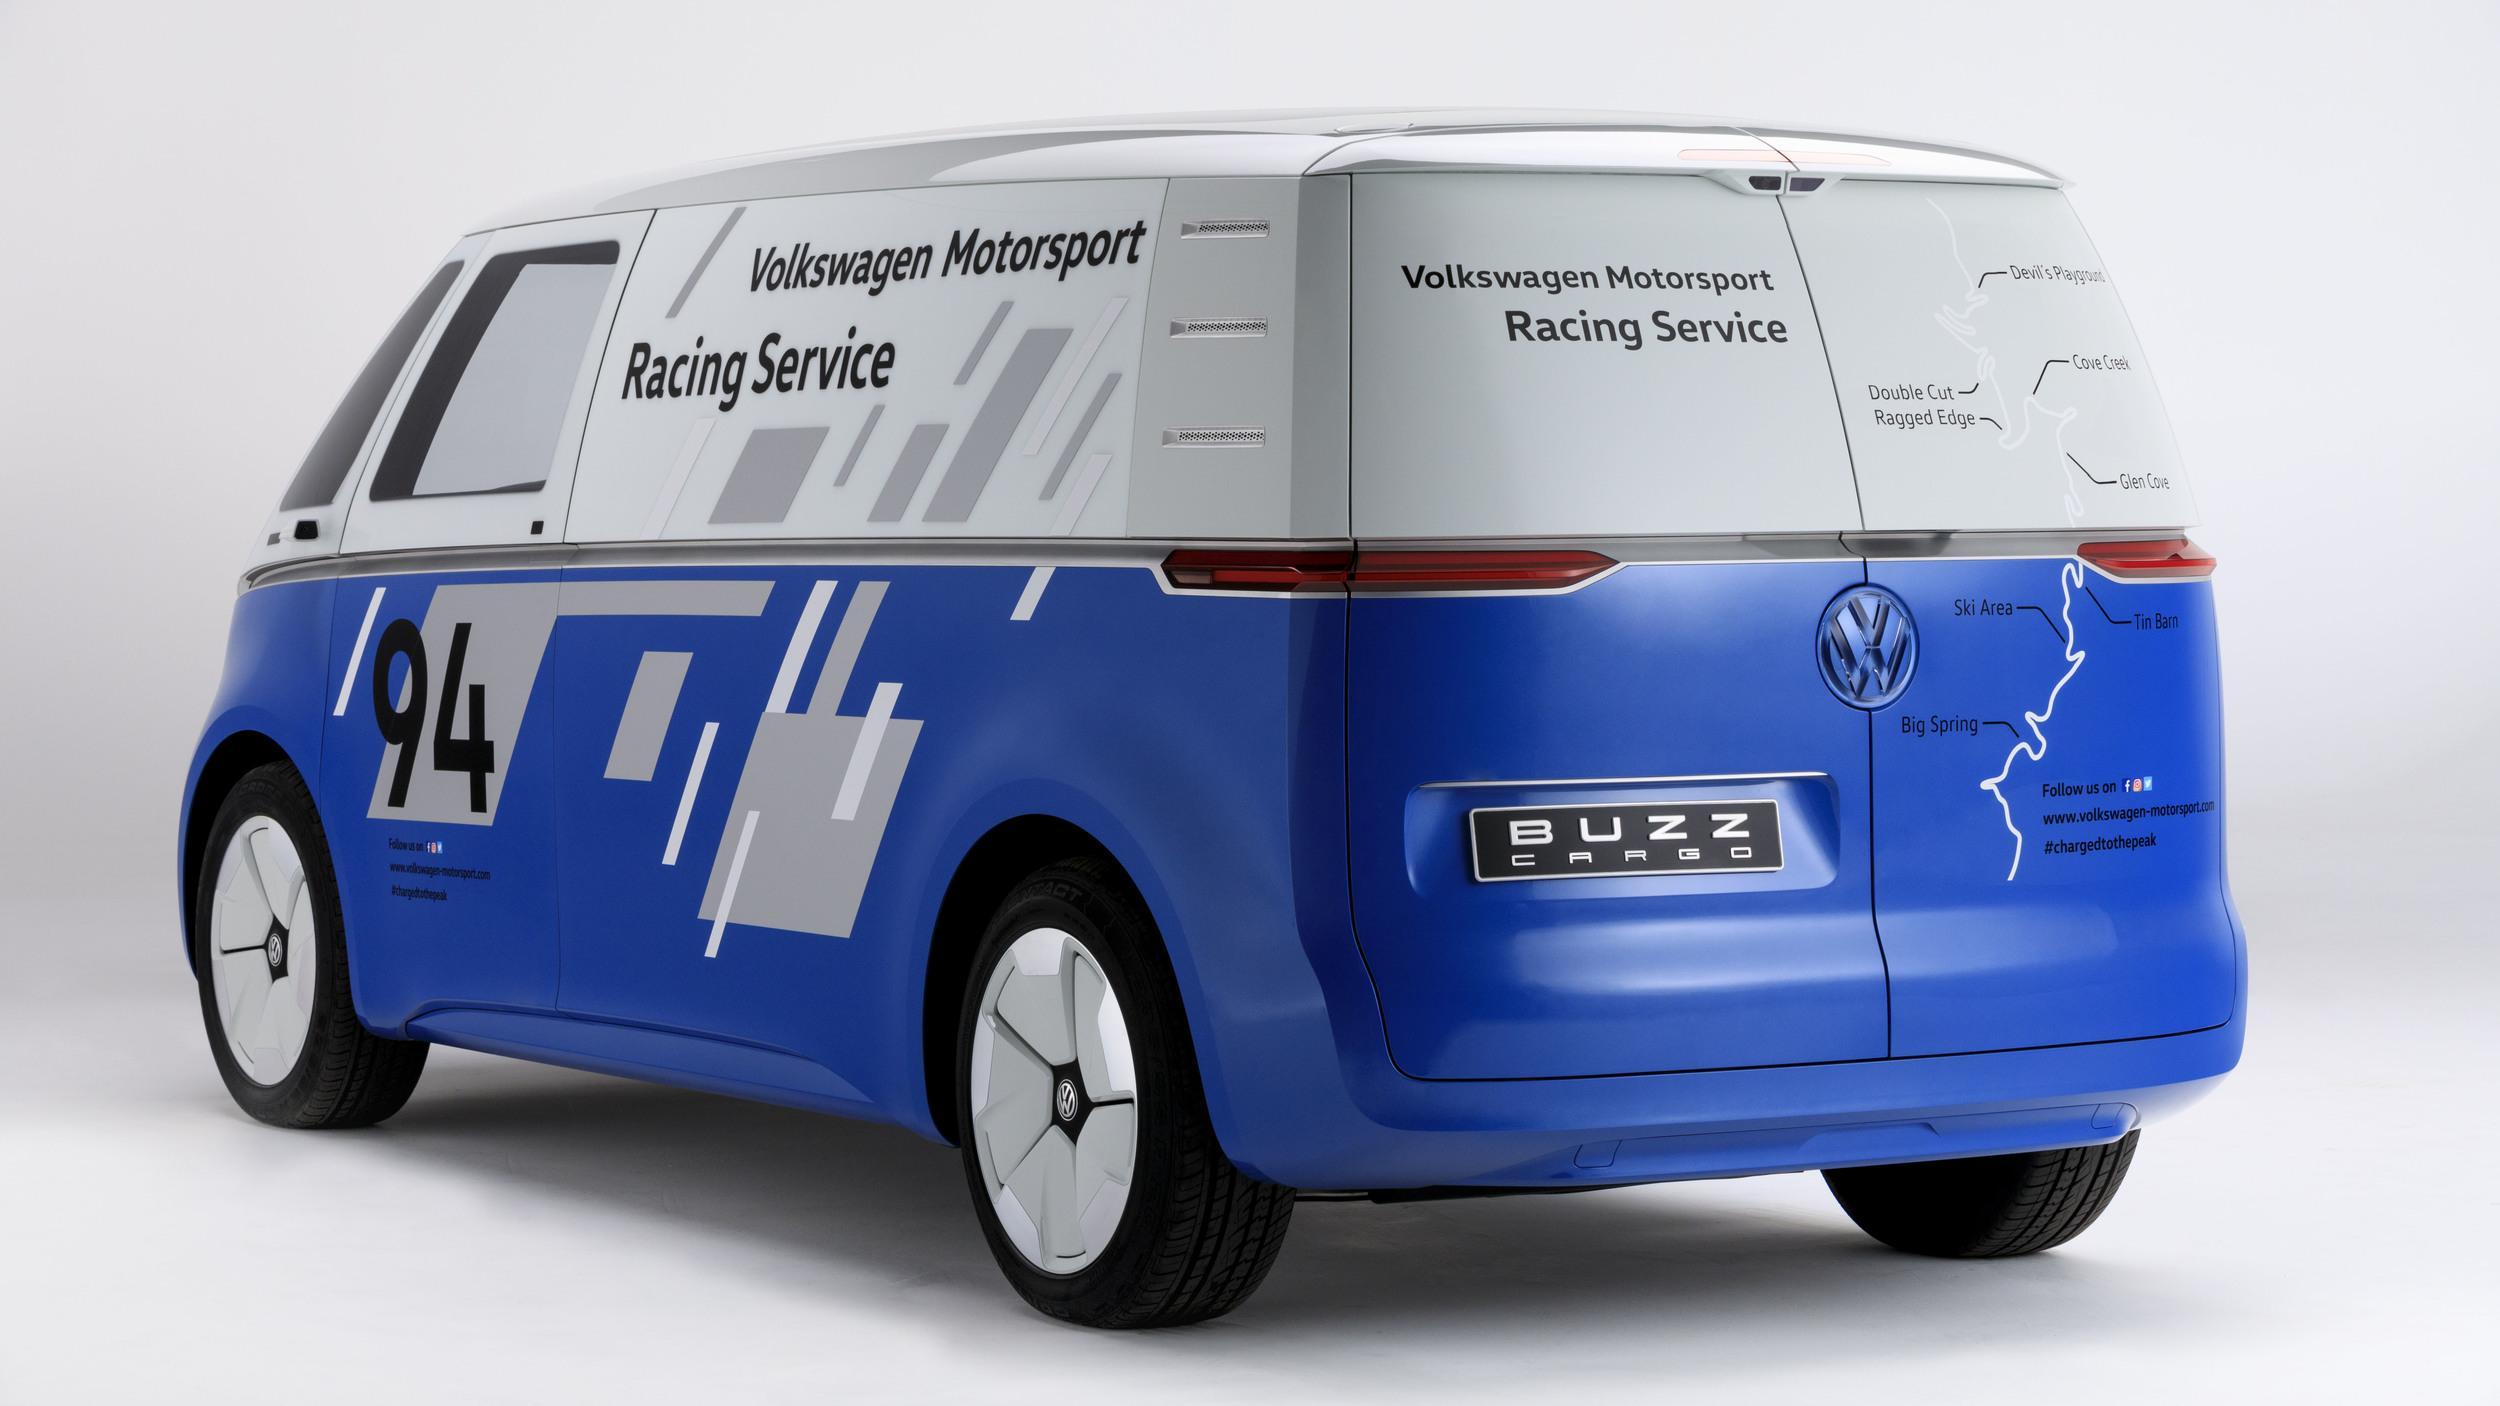 volkswagen-i-d-buzz-cargo-motorsports-concept-1 (1)